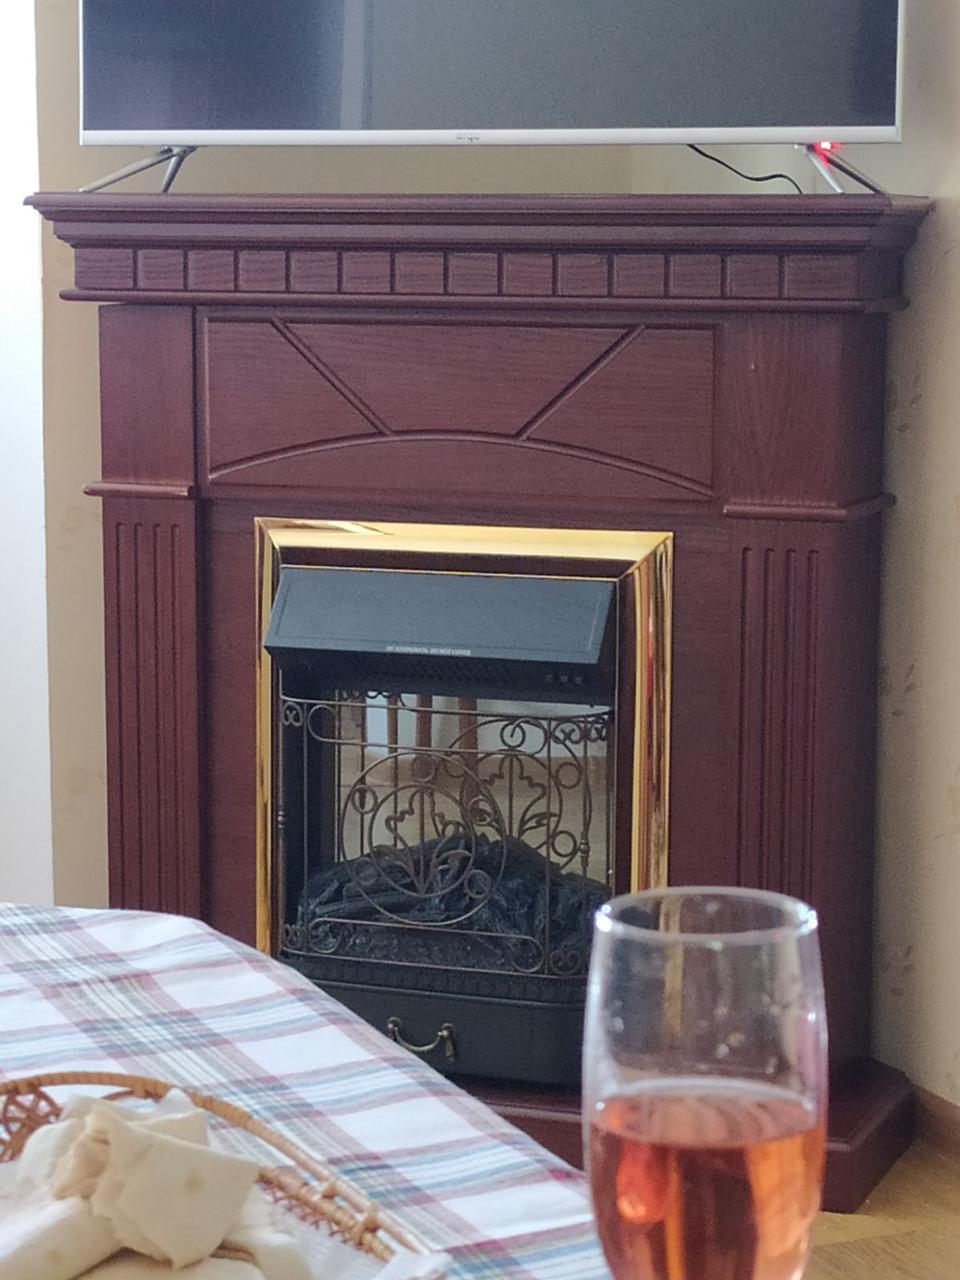 Напольный каминокомплект Fireplace Индия Венге с эффектом мерцающих дров со звуком и обогревом